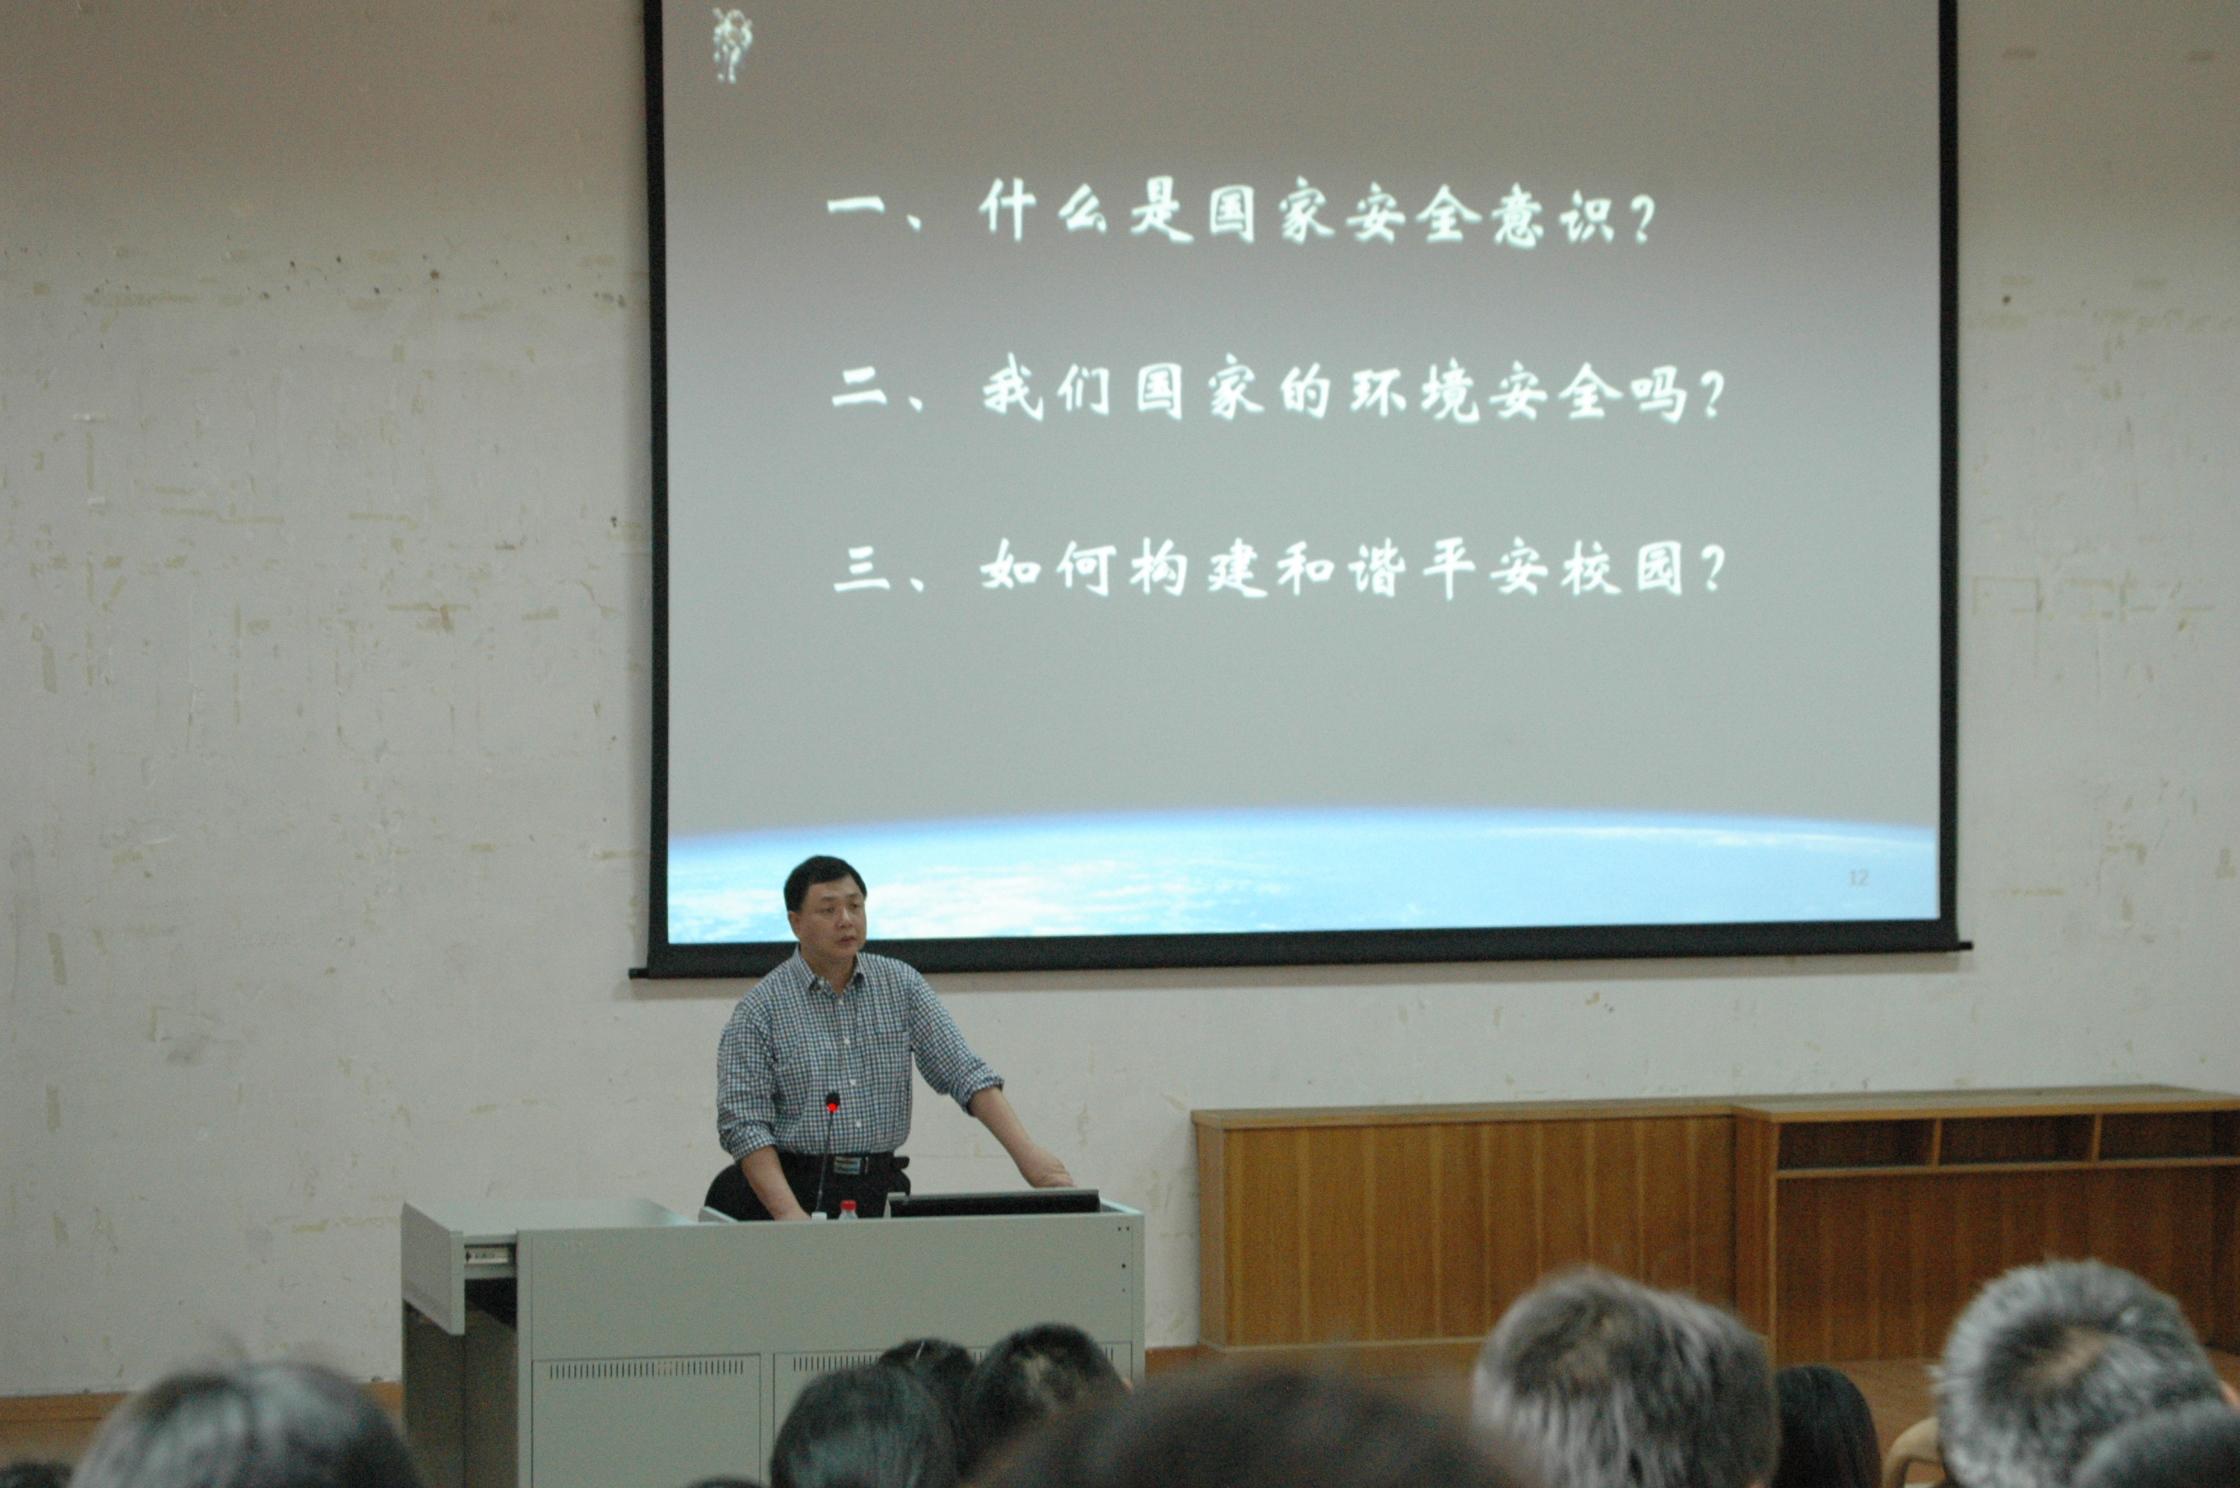 党委书记曾峥教授为学生讲授《形势与政策》第一课——增强国家安全意识,构建和谐平安校园